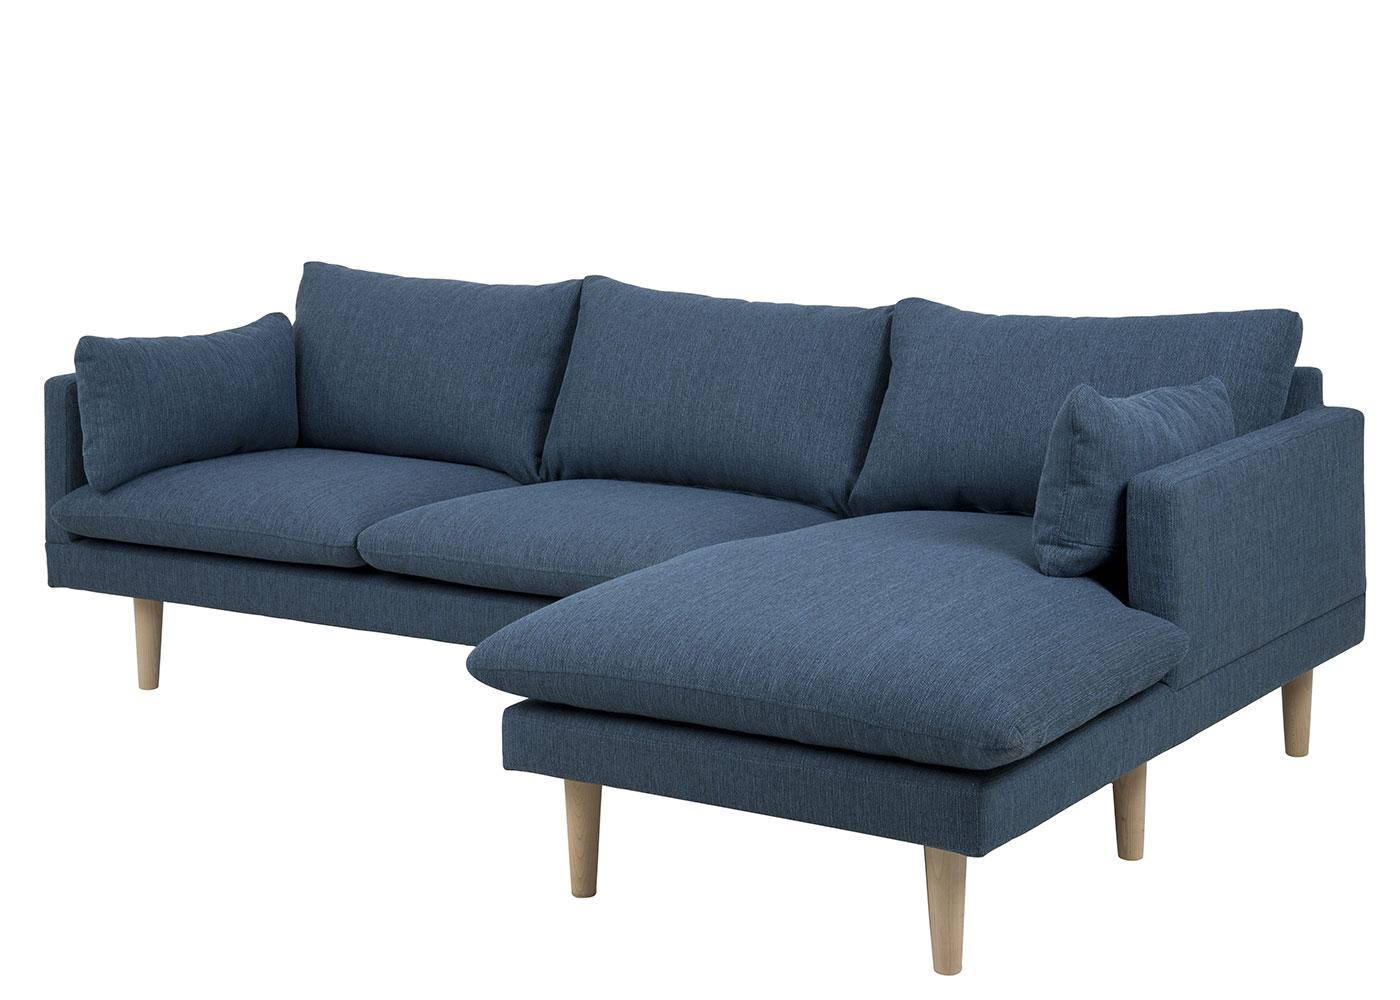 Pohovka rohová pravá Surry, 242 cm, modrá